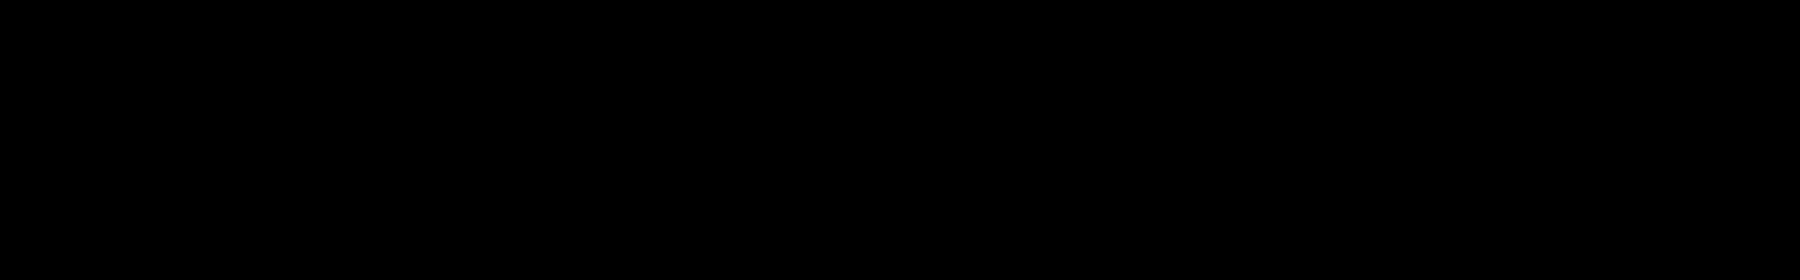 FNKY audio waveform